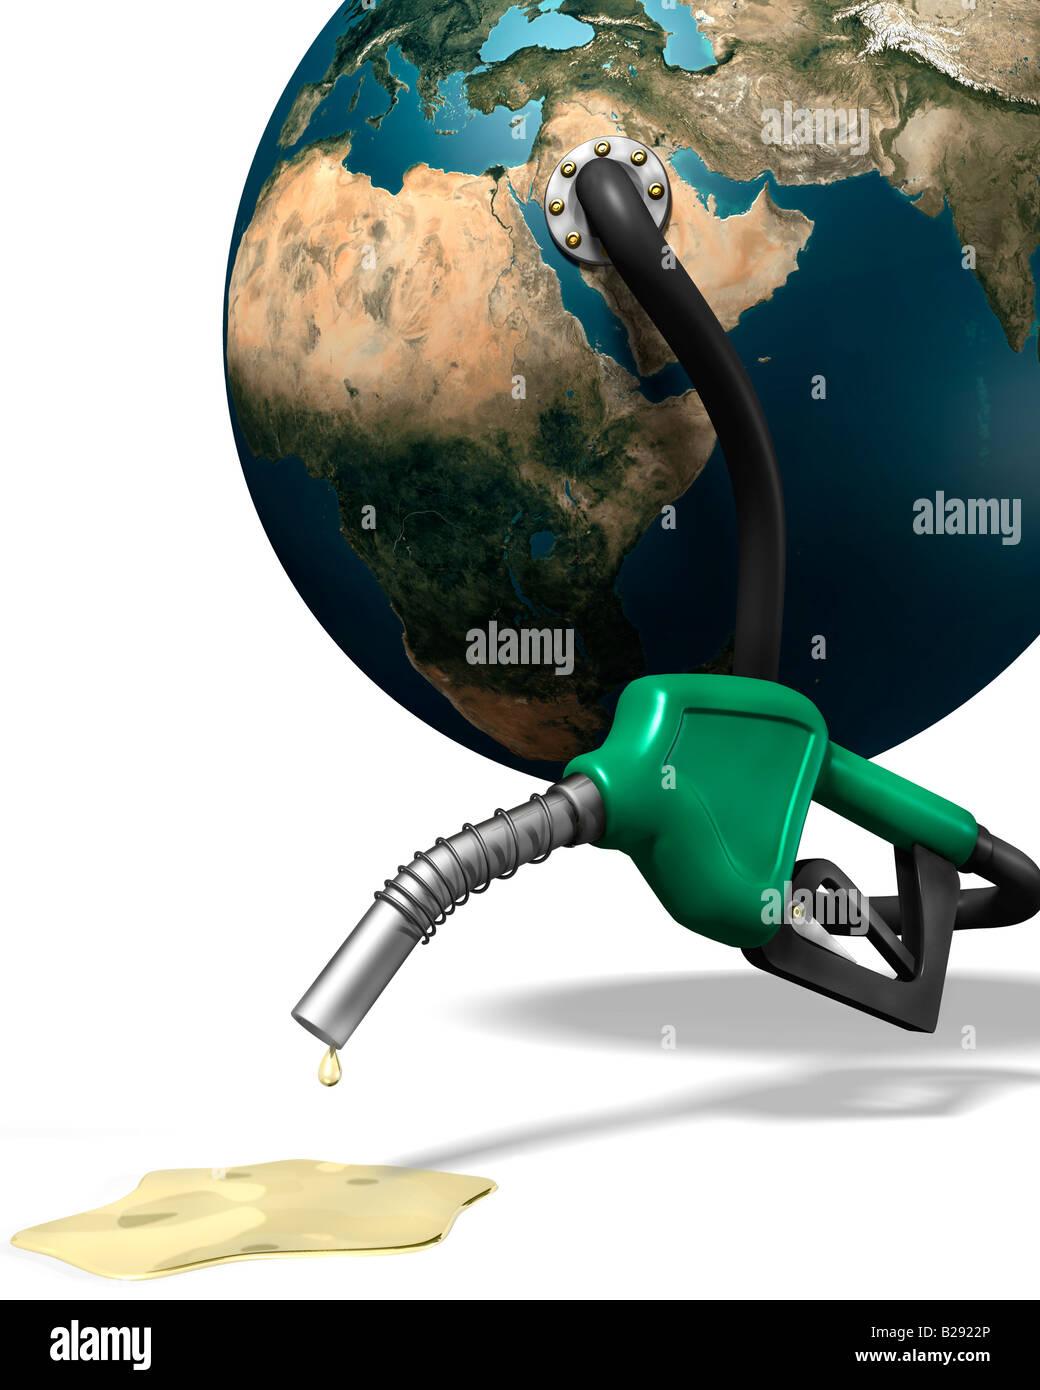 Benzina e la crisi energetica concept Immagini Stock